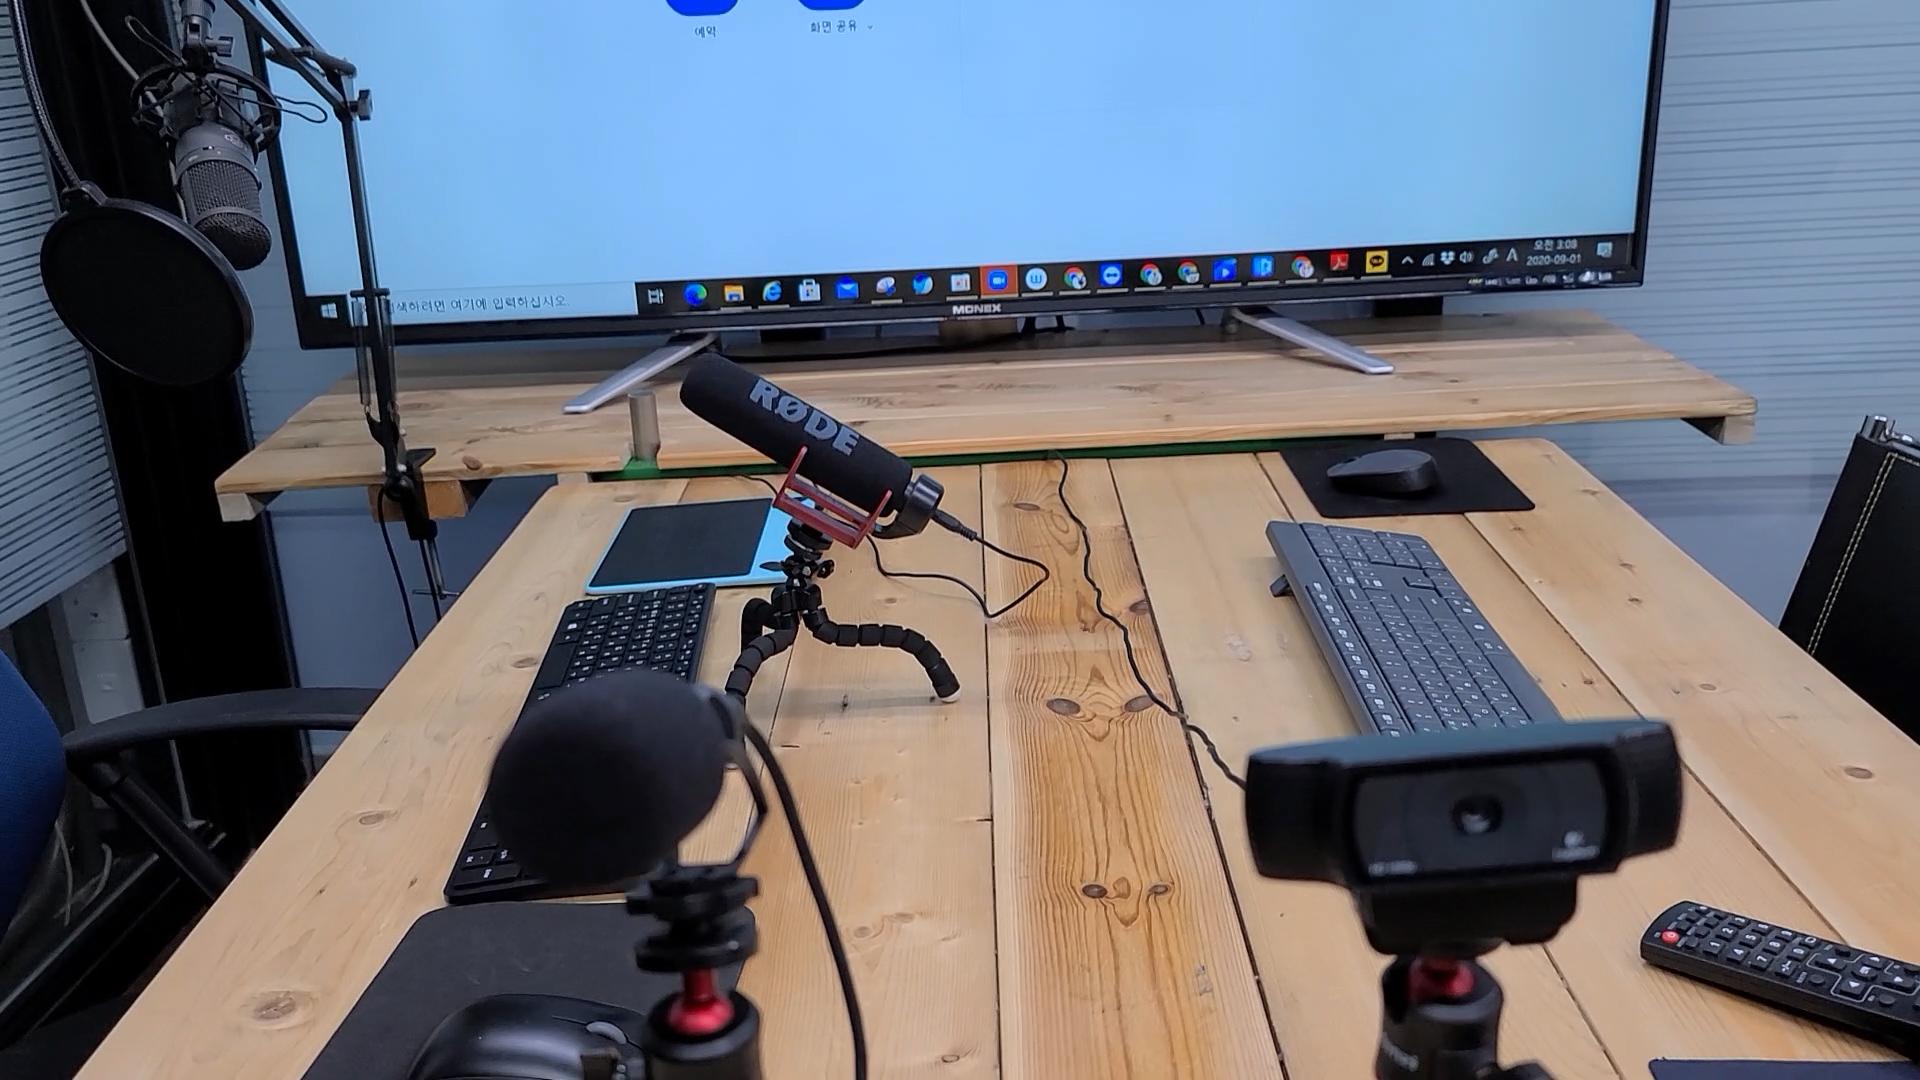 에스플러스학원 Splus Academy 비대면 온라인 완전탈바꿈.00_02_16_22.스틸 069제6강의실 키보드 디지털장비.jpg